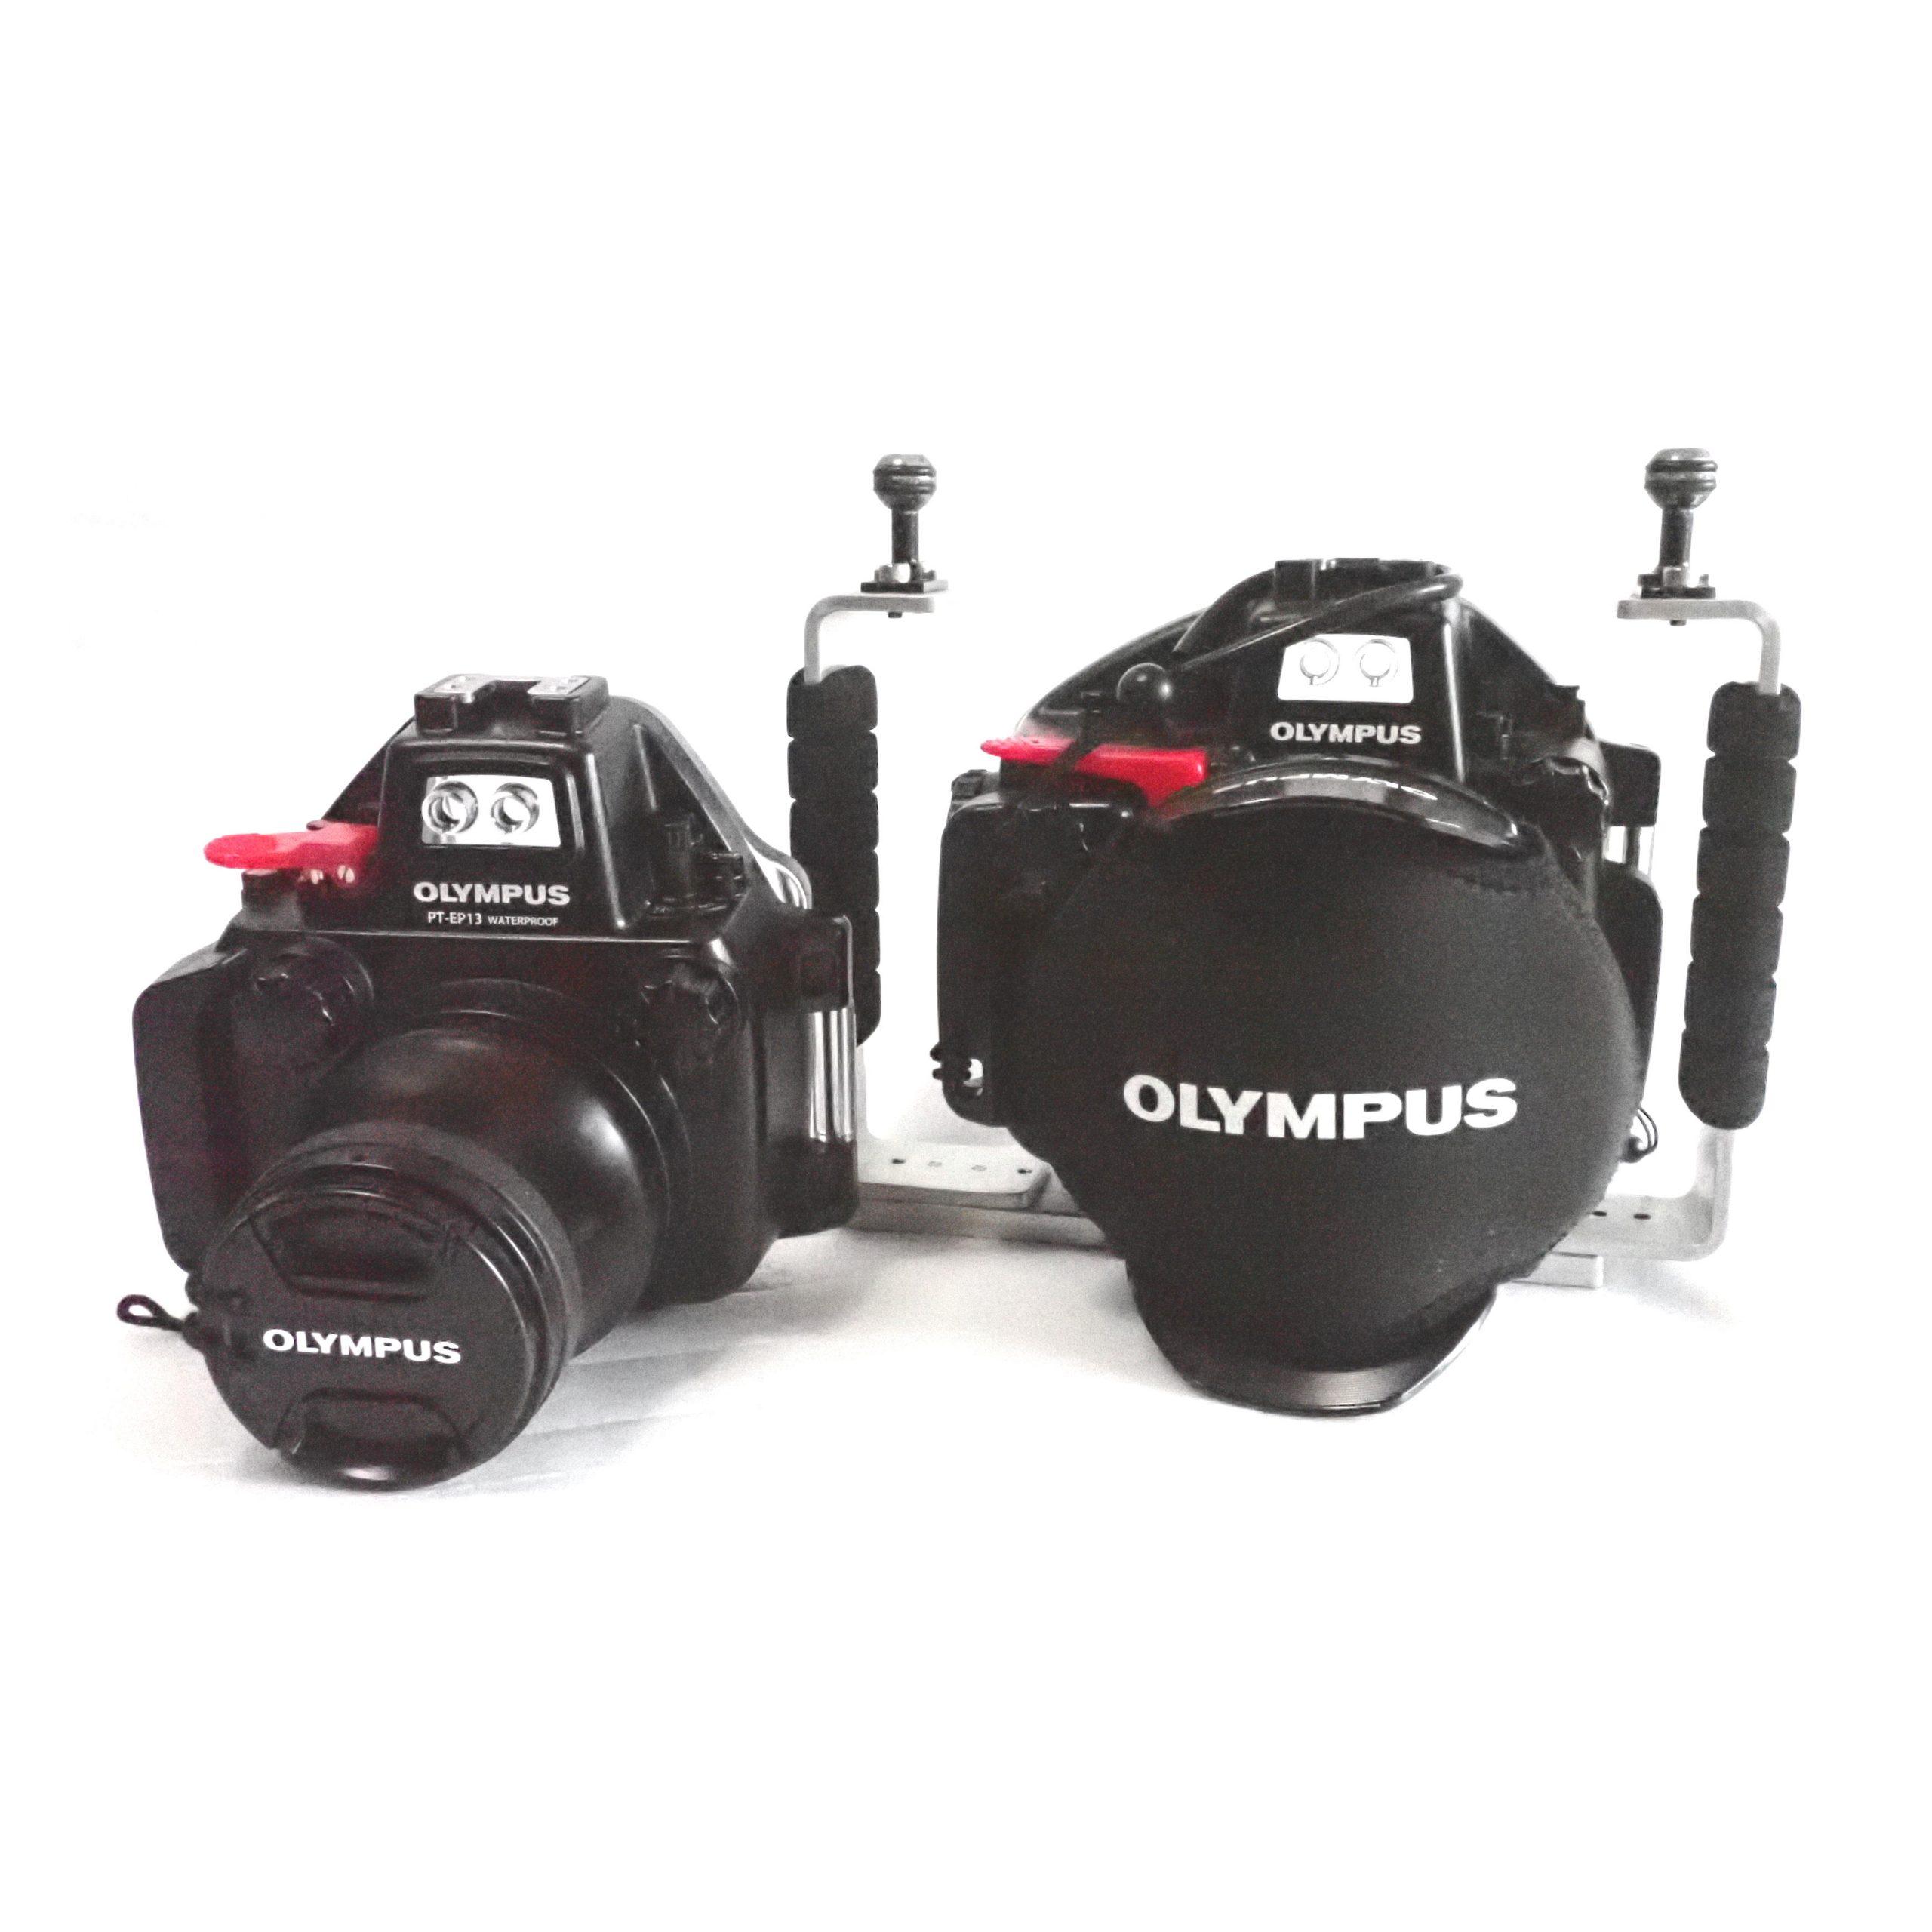 水中カメラ機材を選ぶ時